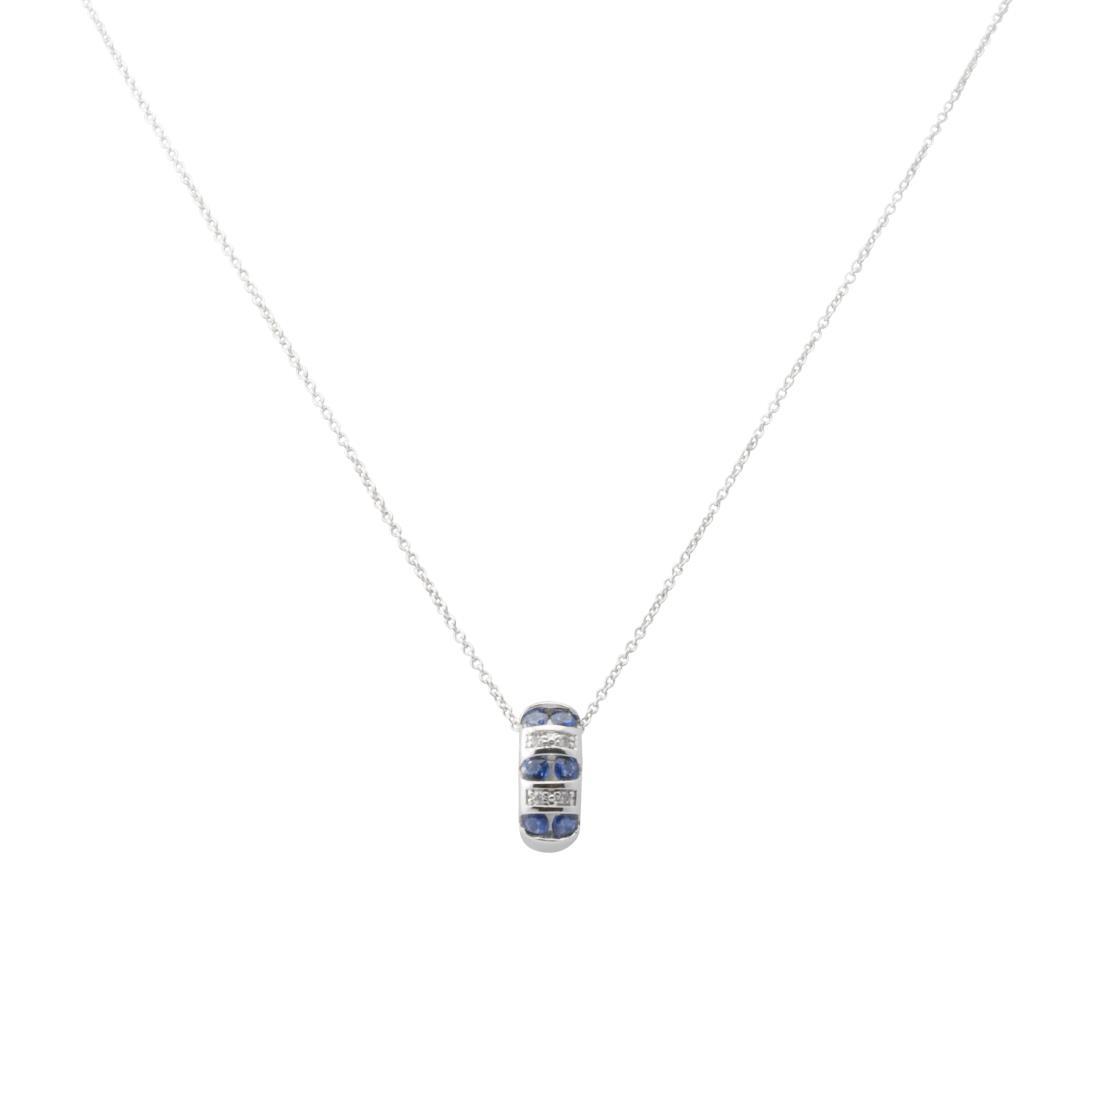 Collana in oro bianco con diamanti ct 0.02 e zaffiri ct 0.45 - BLISS